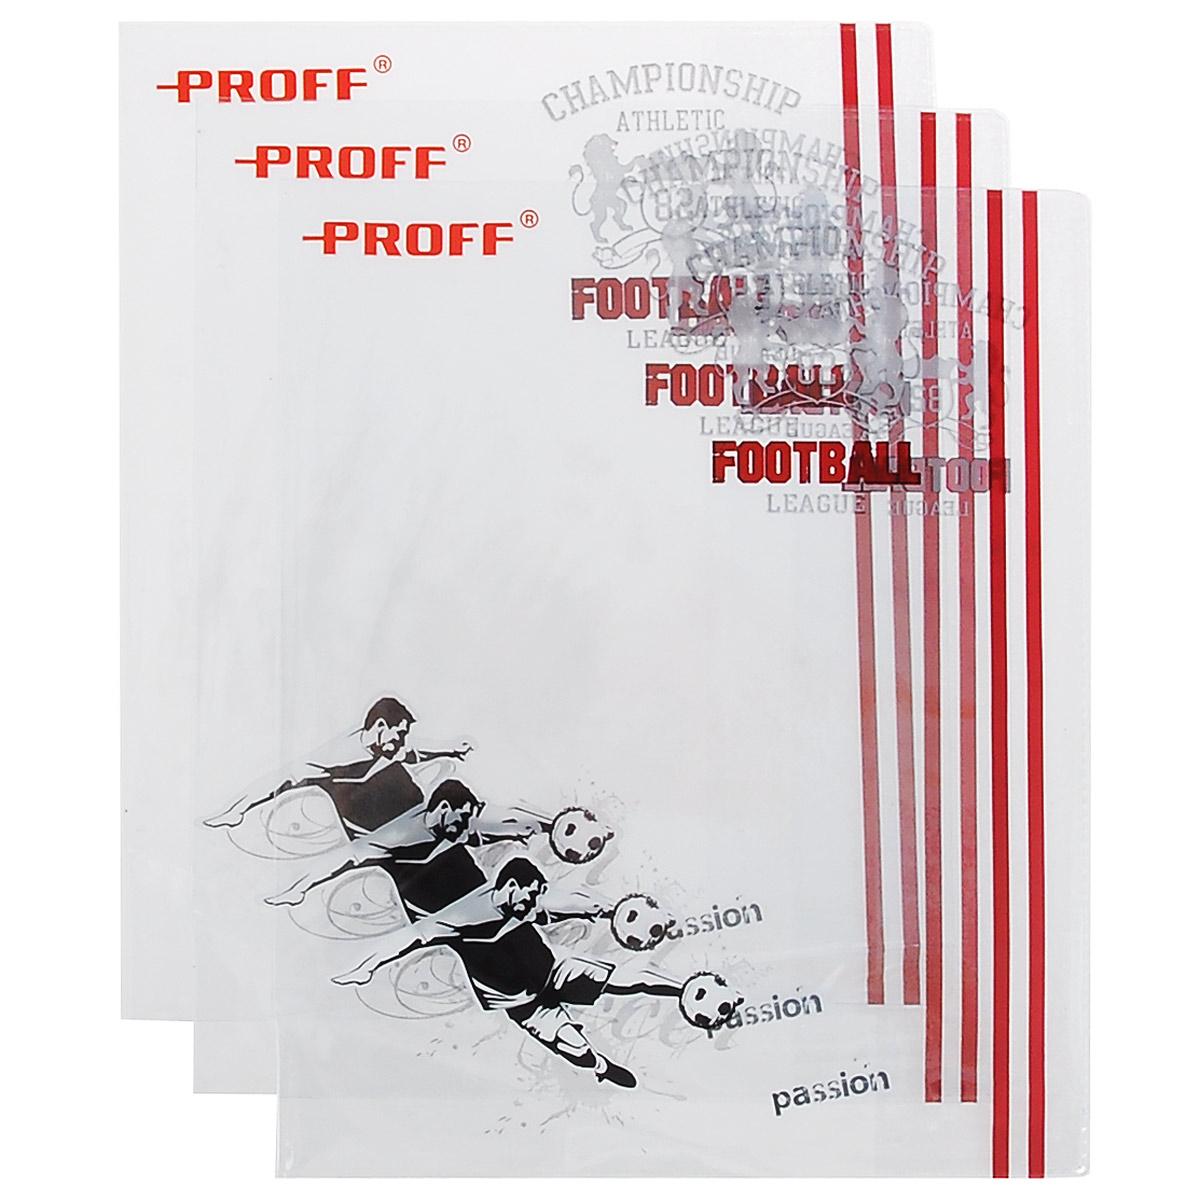 """Прозрачная обложка Proff """"Спорт"""", изготовленная из ПВХ, защитит поверхность тетради или дневника от изнашивания и загрязнений. Изделие оформлено ярким рисунком. В набор входят 3 обложки."""